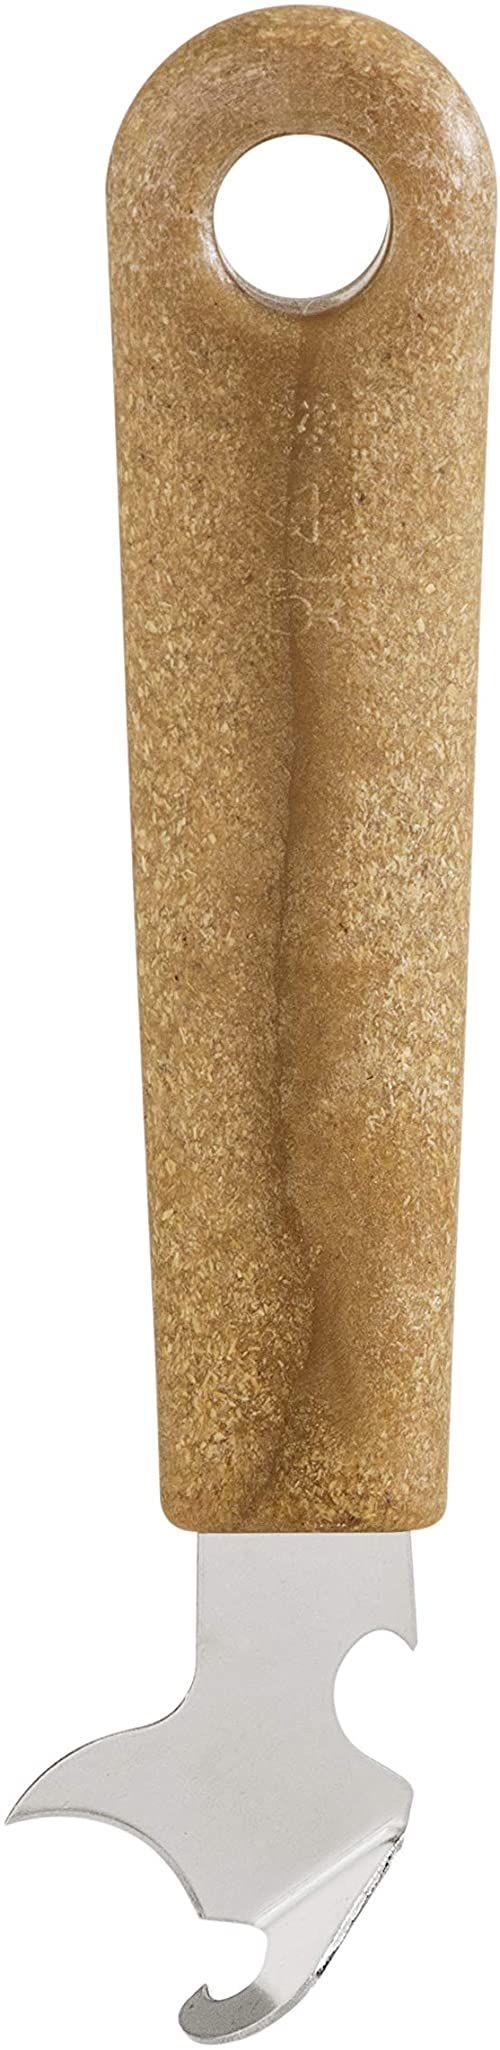 Gastromax Bio Otwieracz do Puszek, 15.5 cm Rozmiar